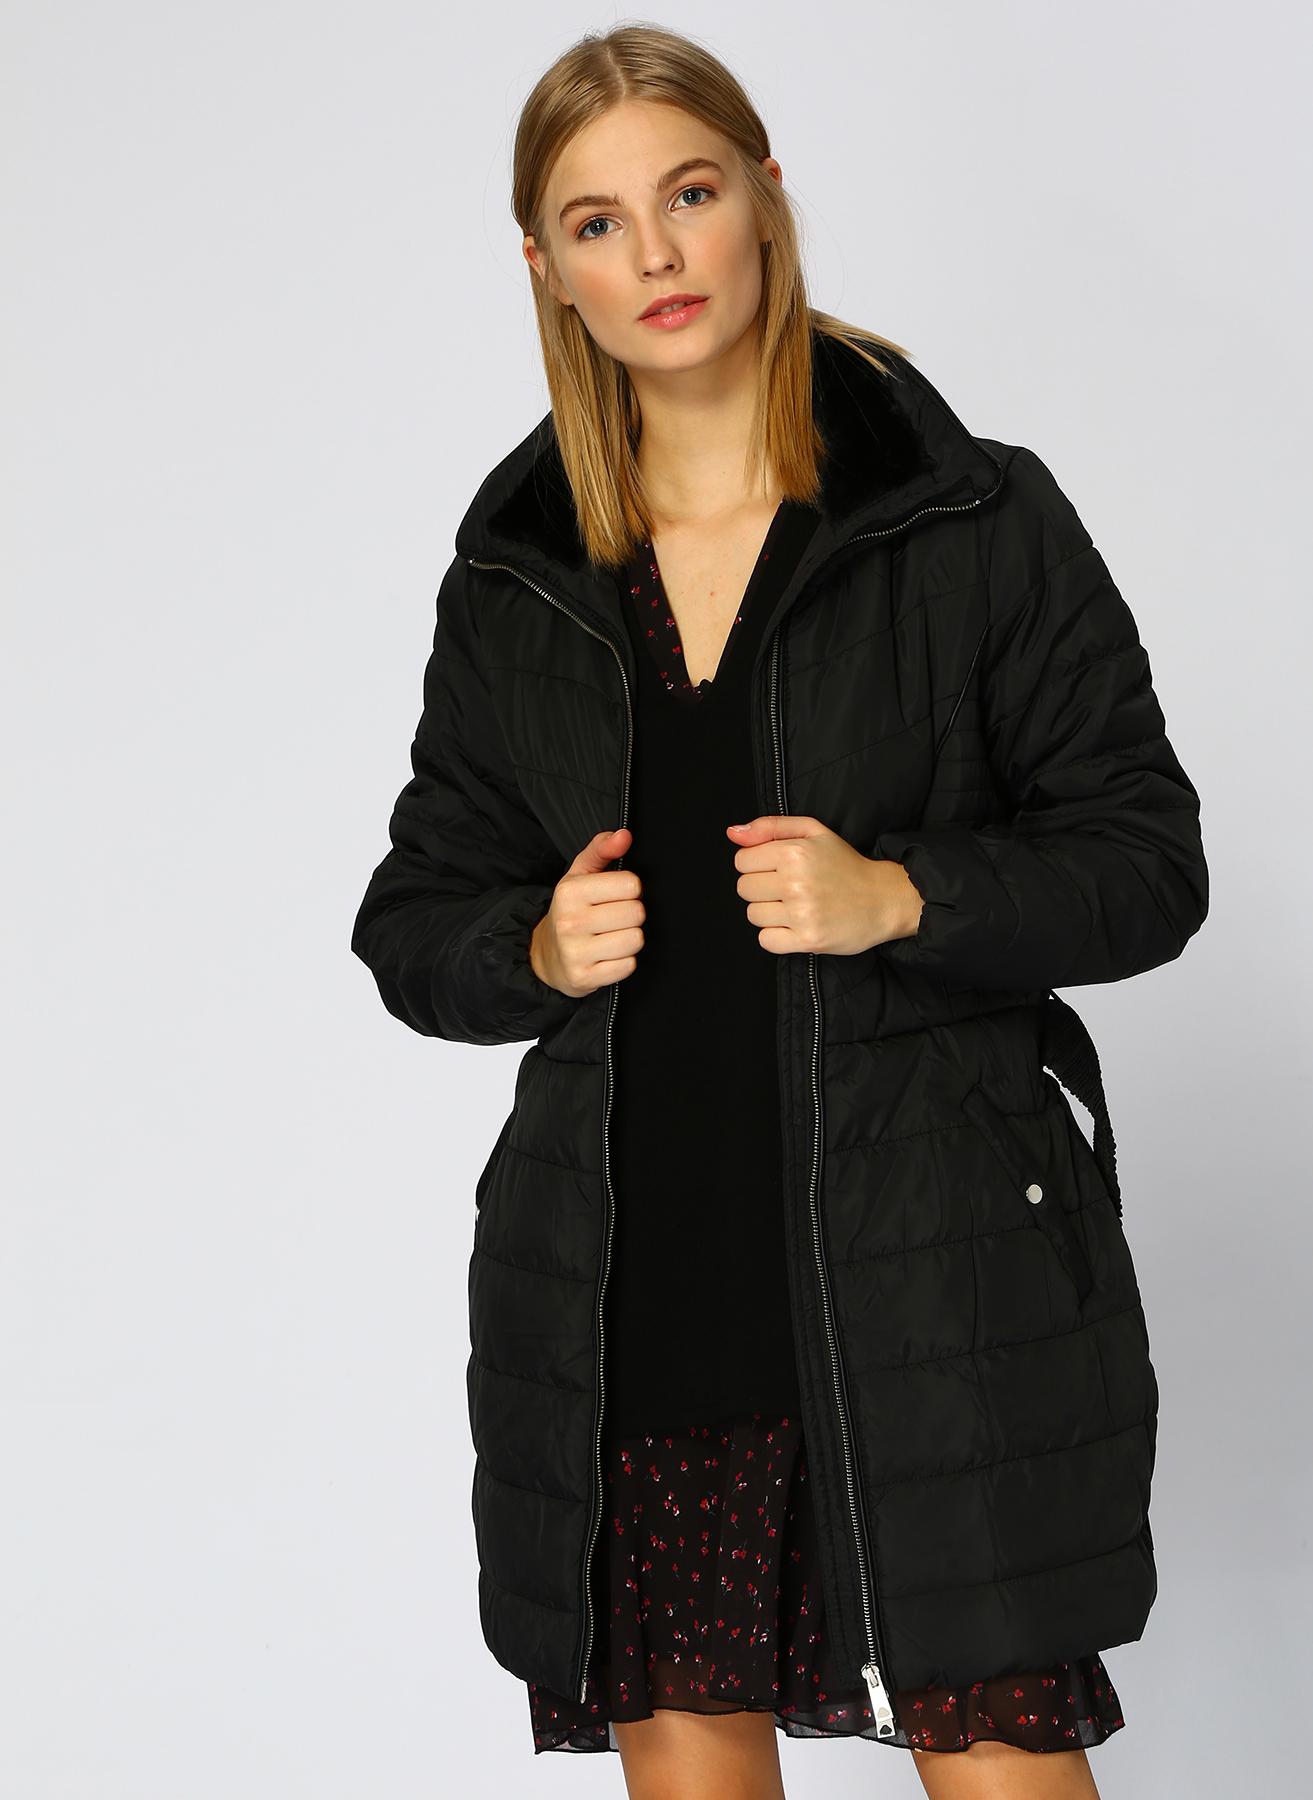 Vero Moda Siyah Mont L 5001705209001 Ürün Resmi